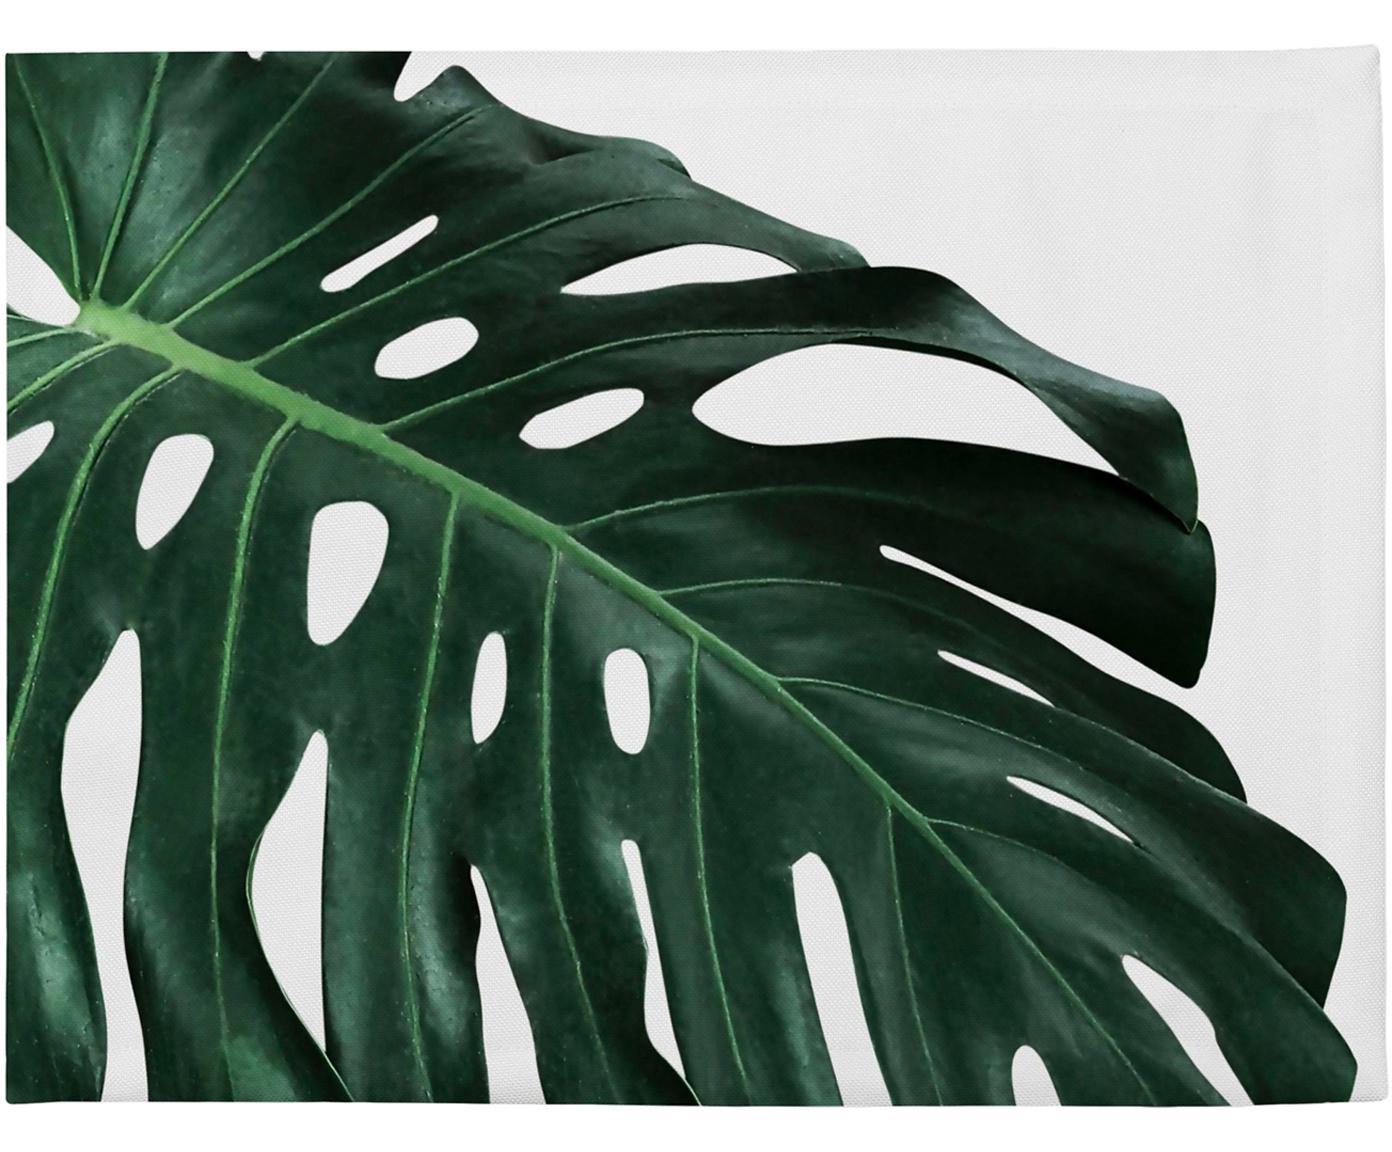 Podkładka Monstera, 4 szt., Poliester, Zielony, biały, S 35 x D 45 cm